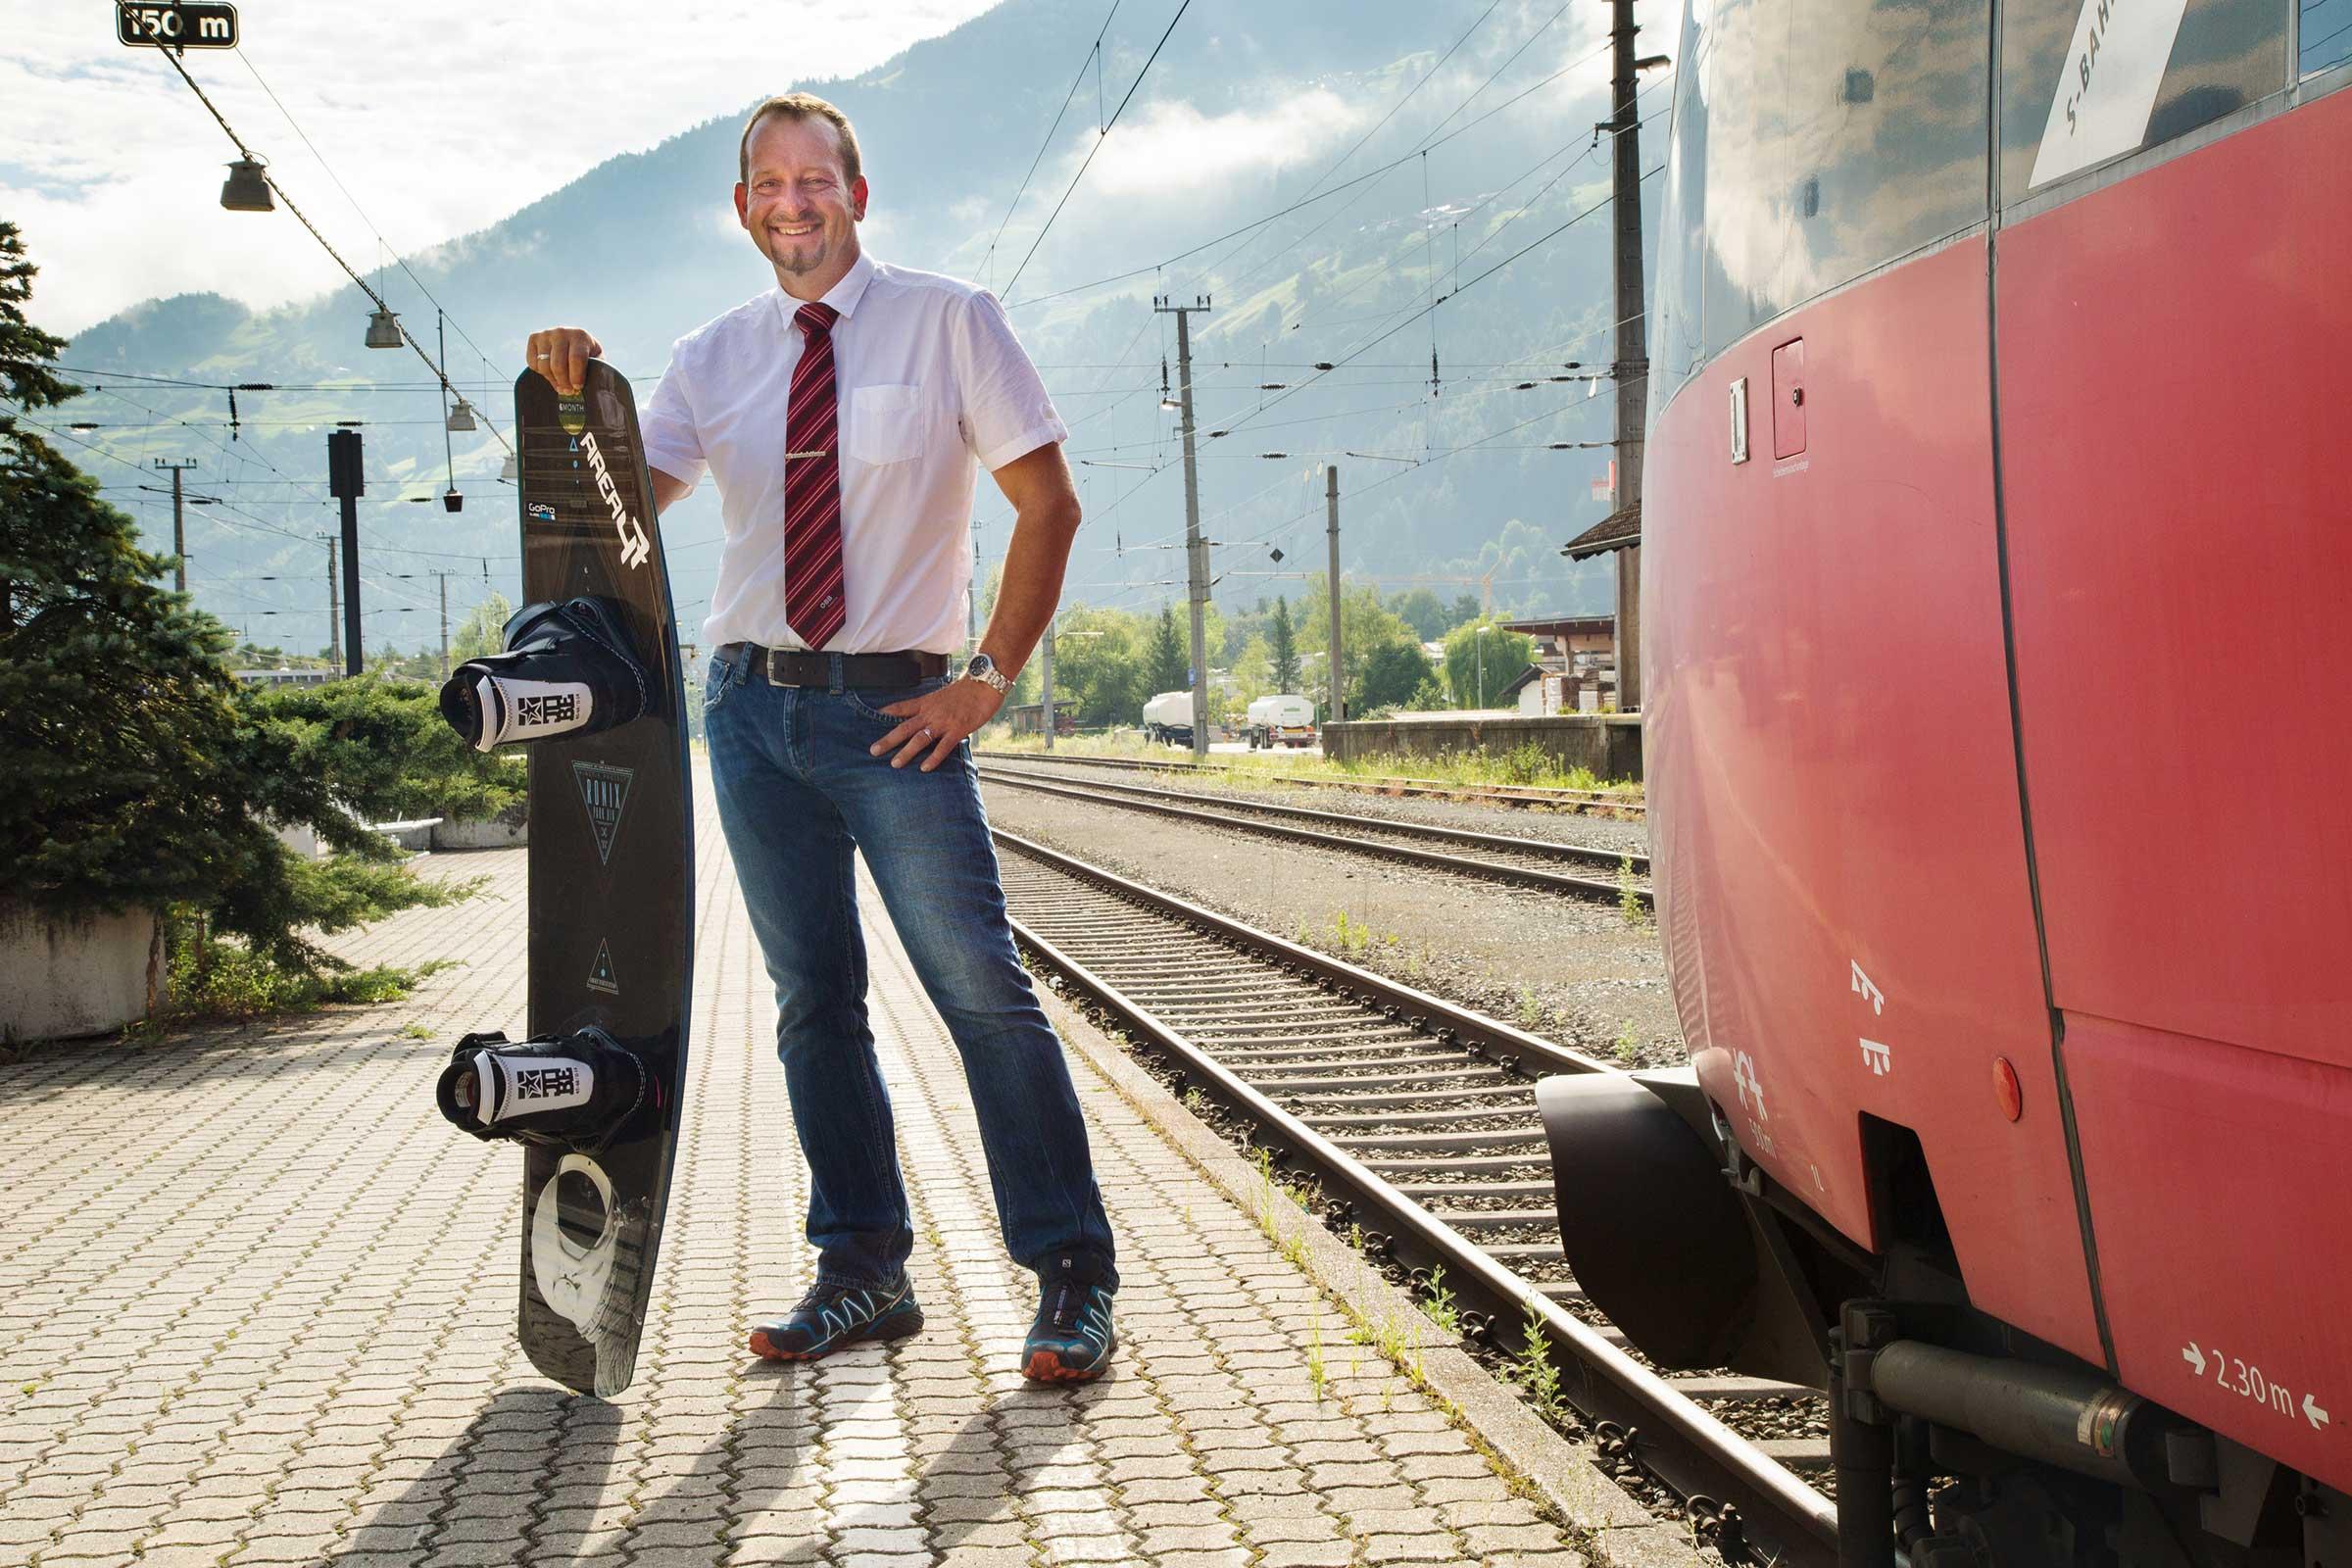 Lokführer Christoph mit Wakeboard - Area 47 Wake Area ÖBB